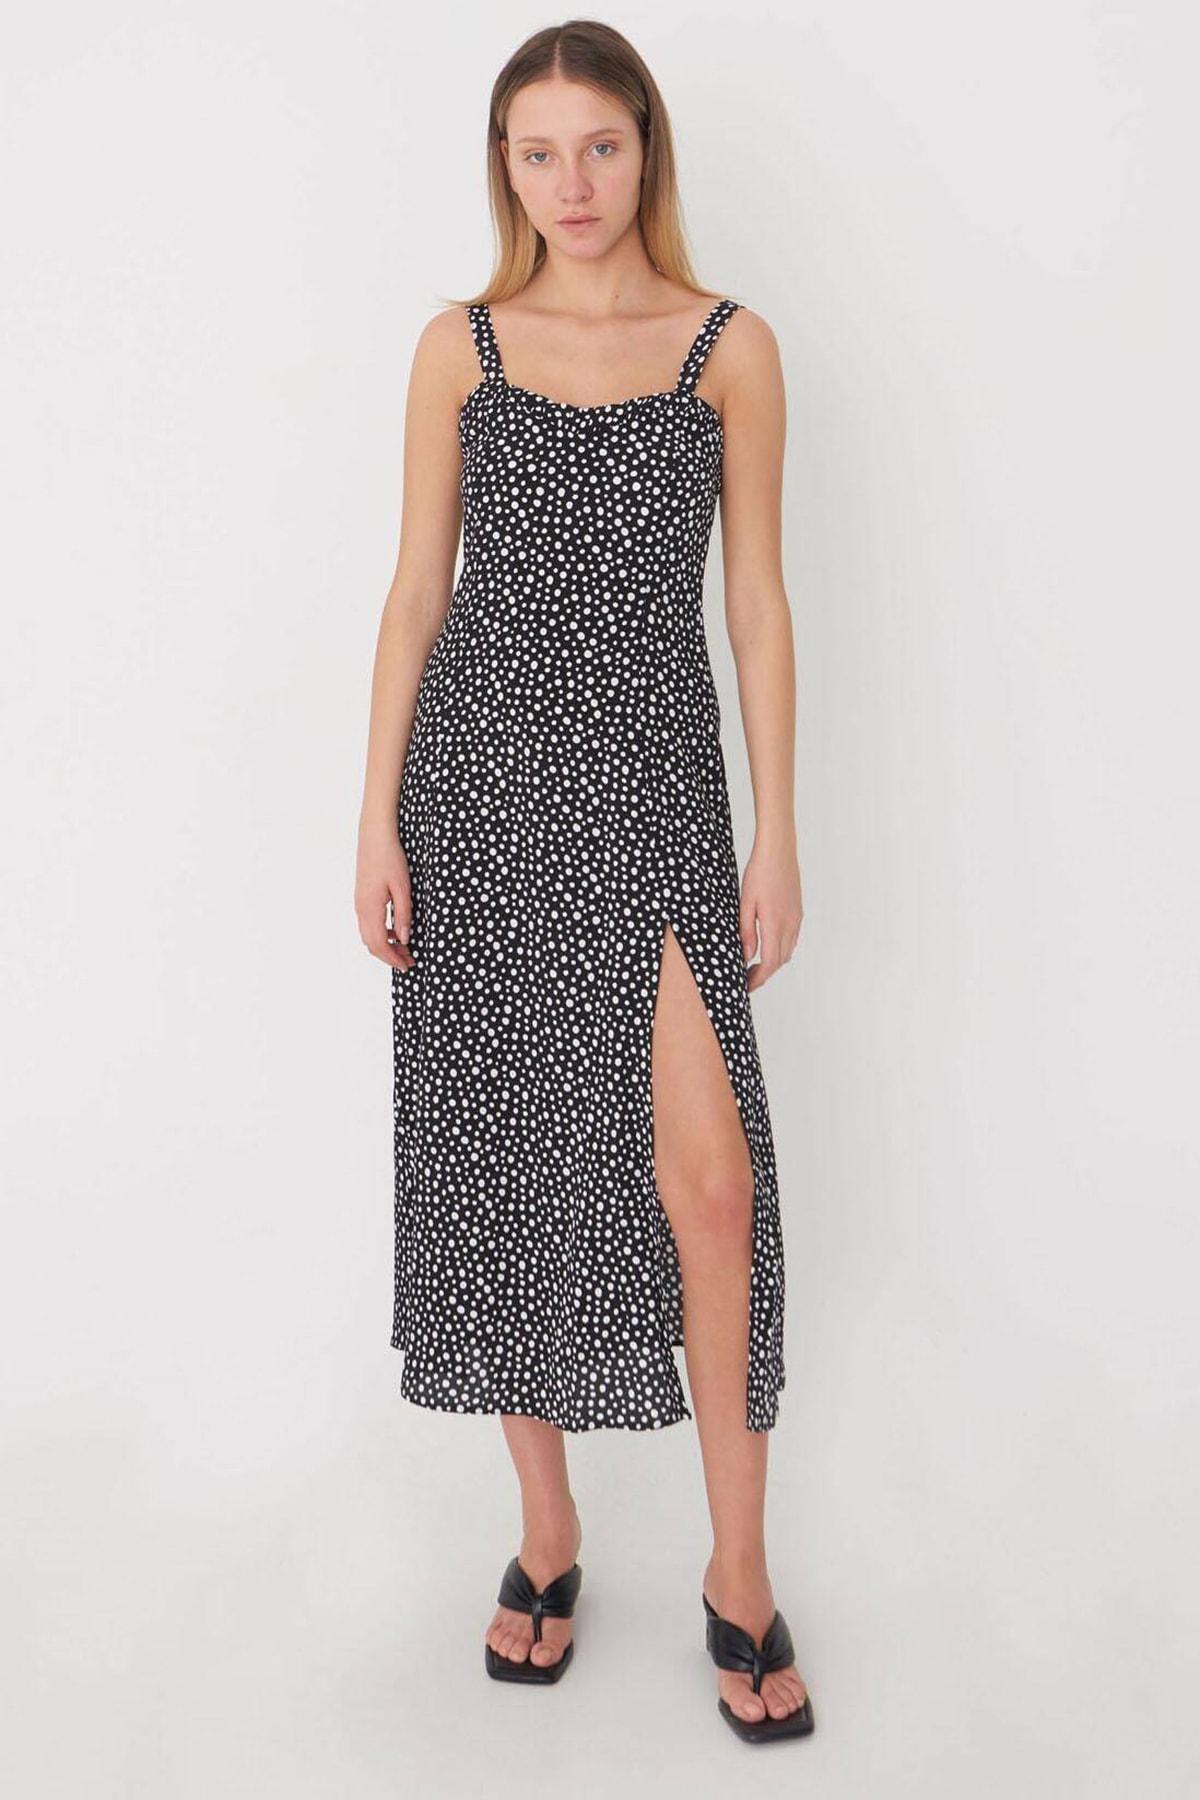 Addax Kadın Siyah-Beyaz Yırtmaç Detaylı Puantiyeli Elbise E8024 - T6 ADX-0000022756